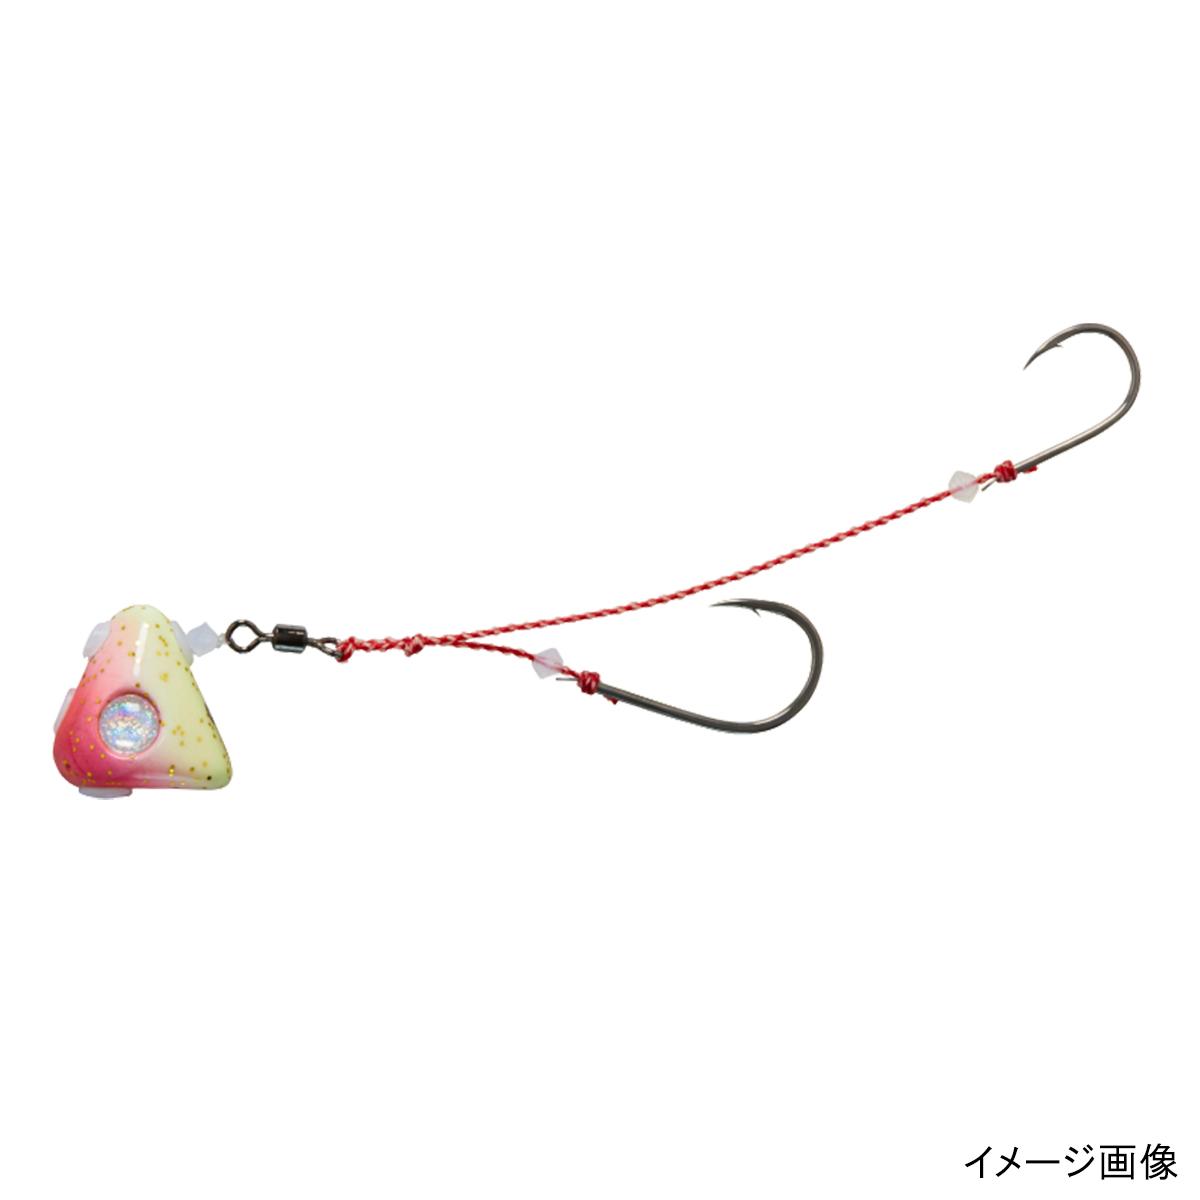 釣具のポイント ダイワ 紅牙 遊動テンヤ+SS 18号 送料無料でお届けします お気に入 ゆうパケット チャート夜光 ピンク